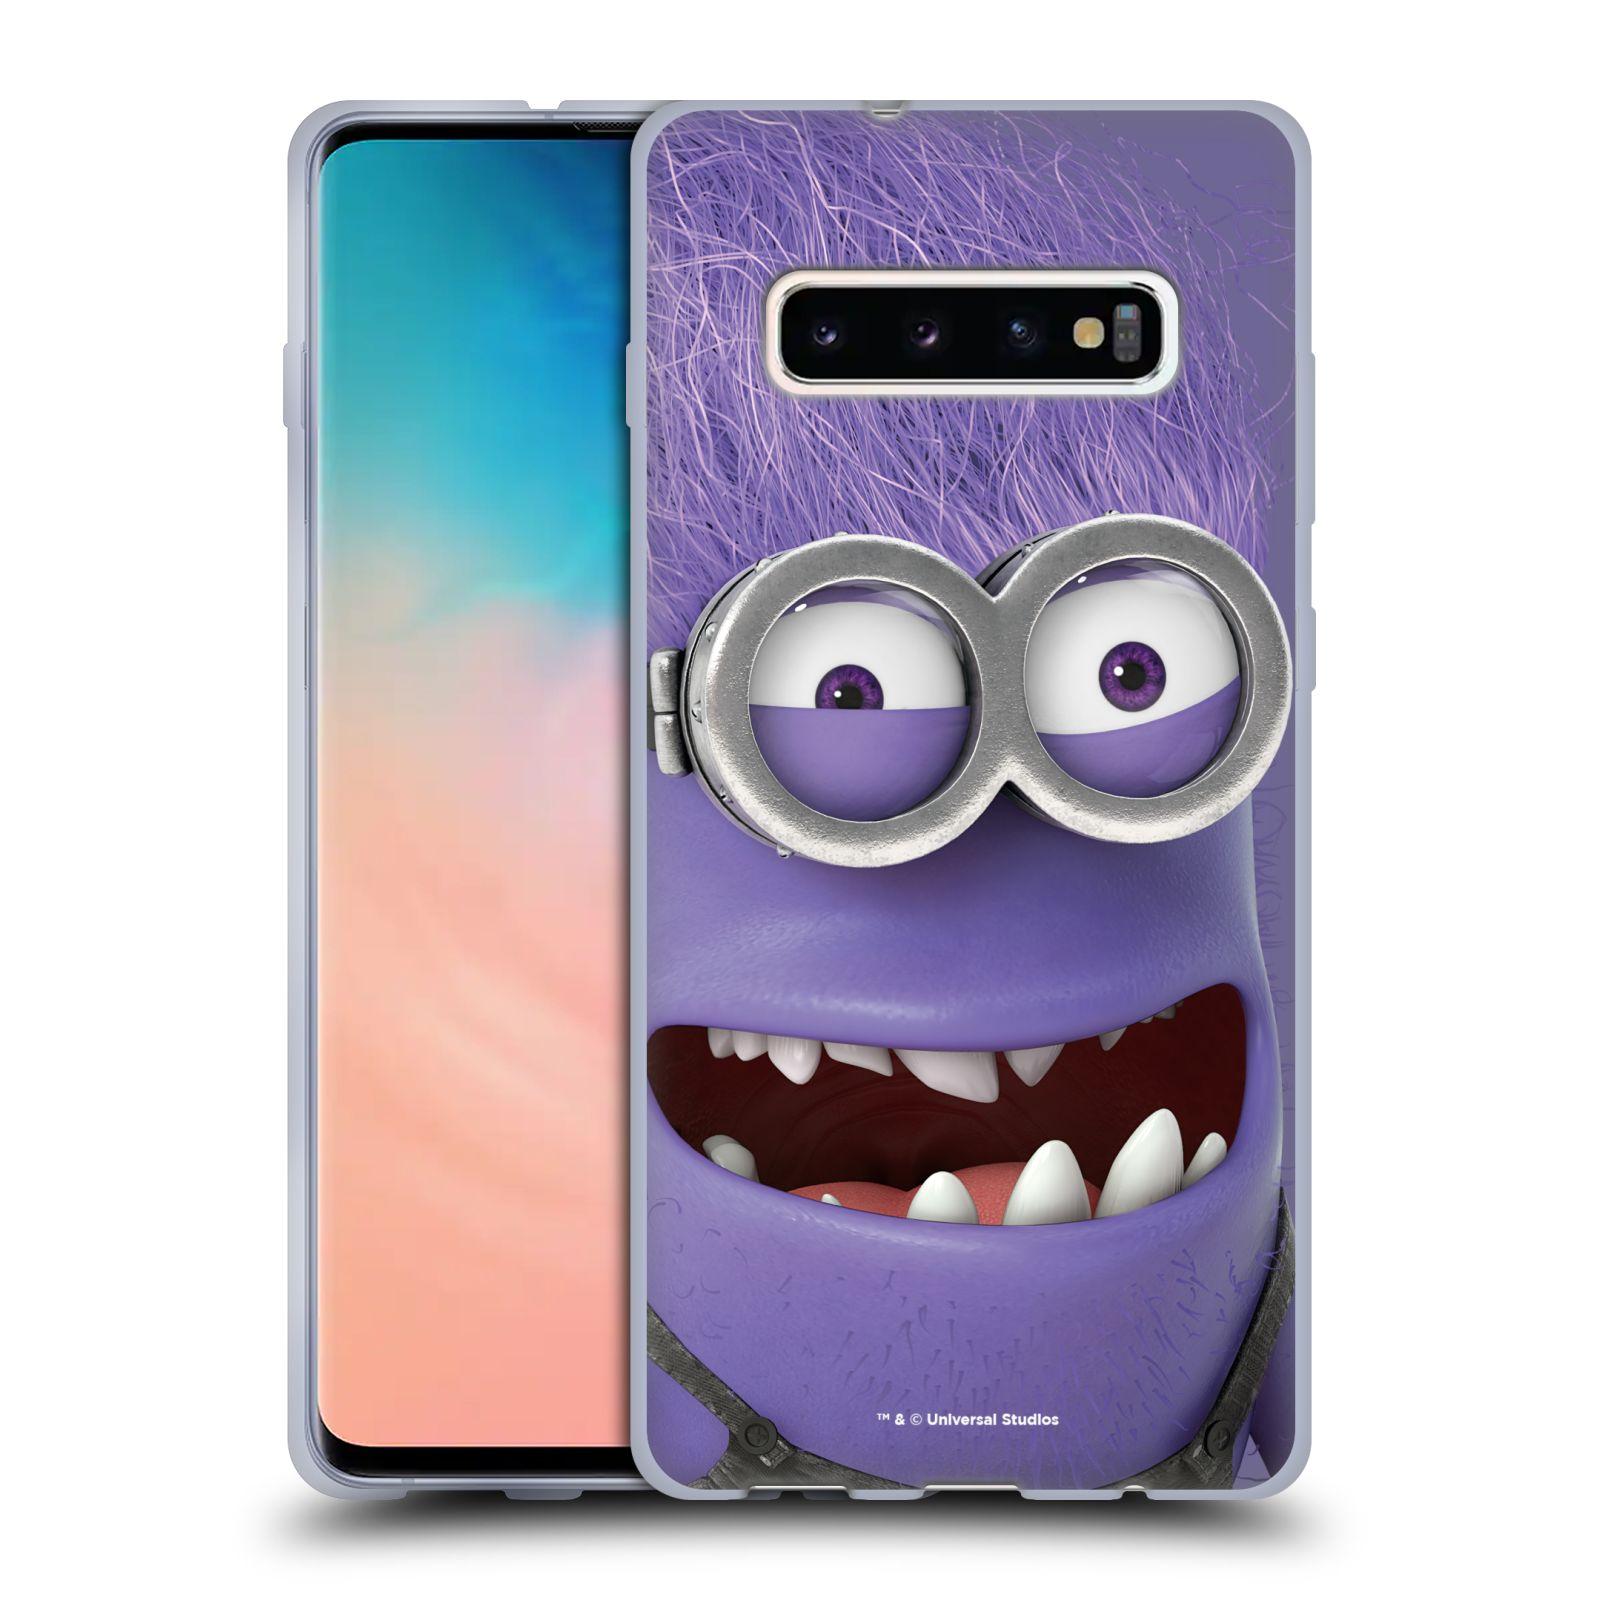 Silikonové pouzdro na mobil Samsung Galaxy S10 Plus - Head Case - Zlý Mimoň z filmu Já, padouch - Despicable Me